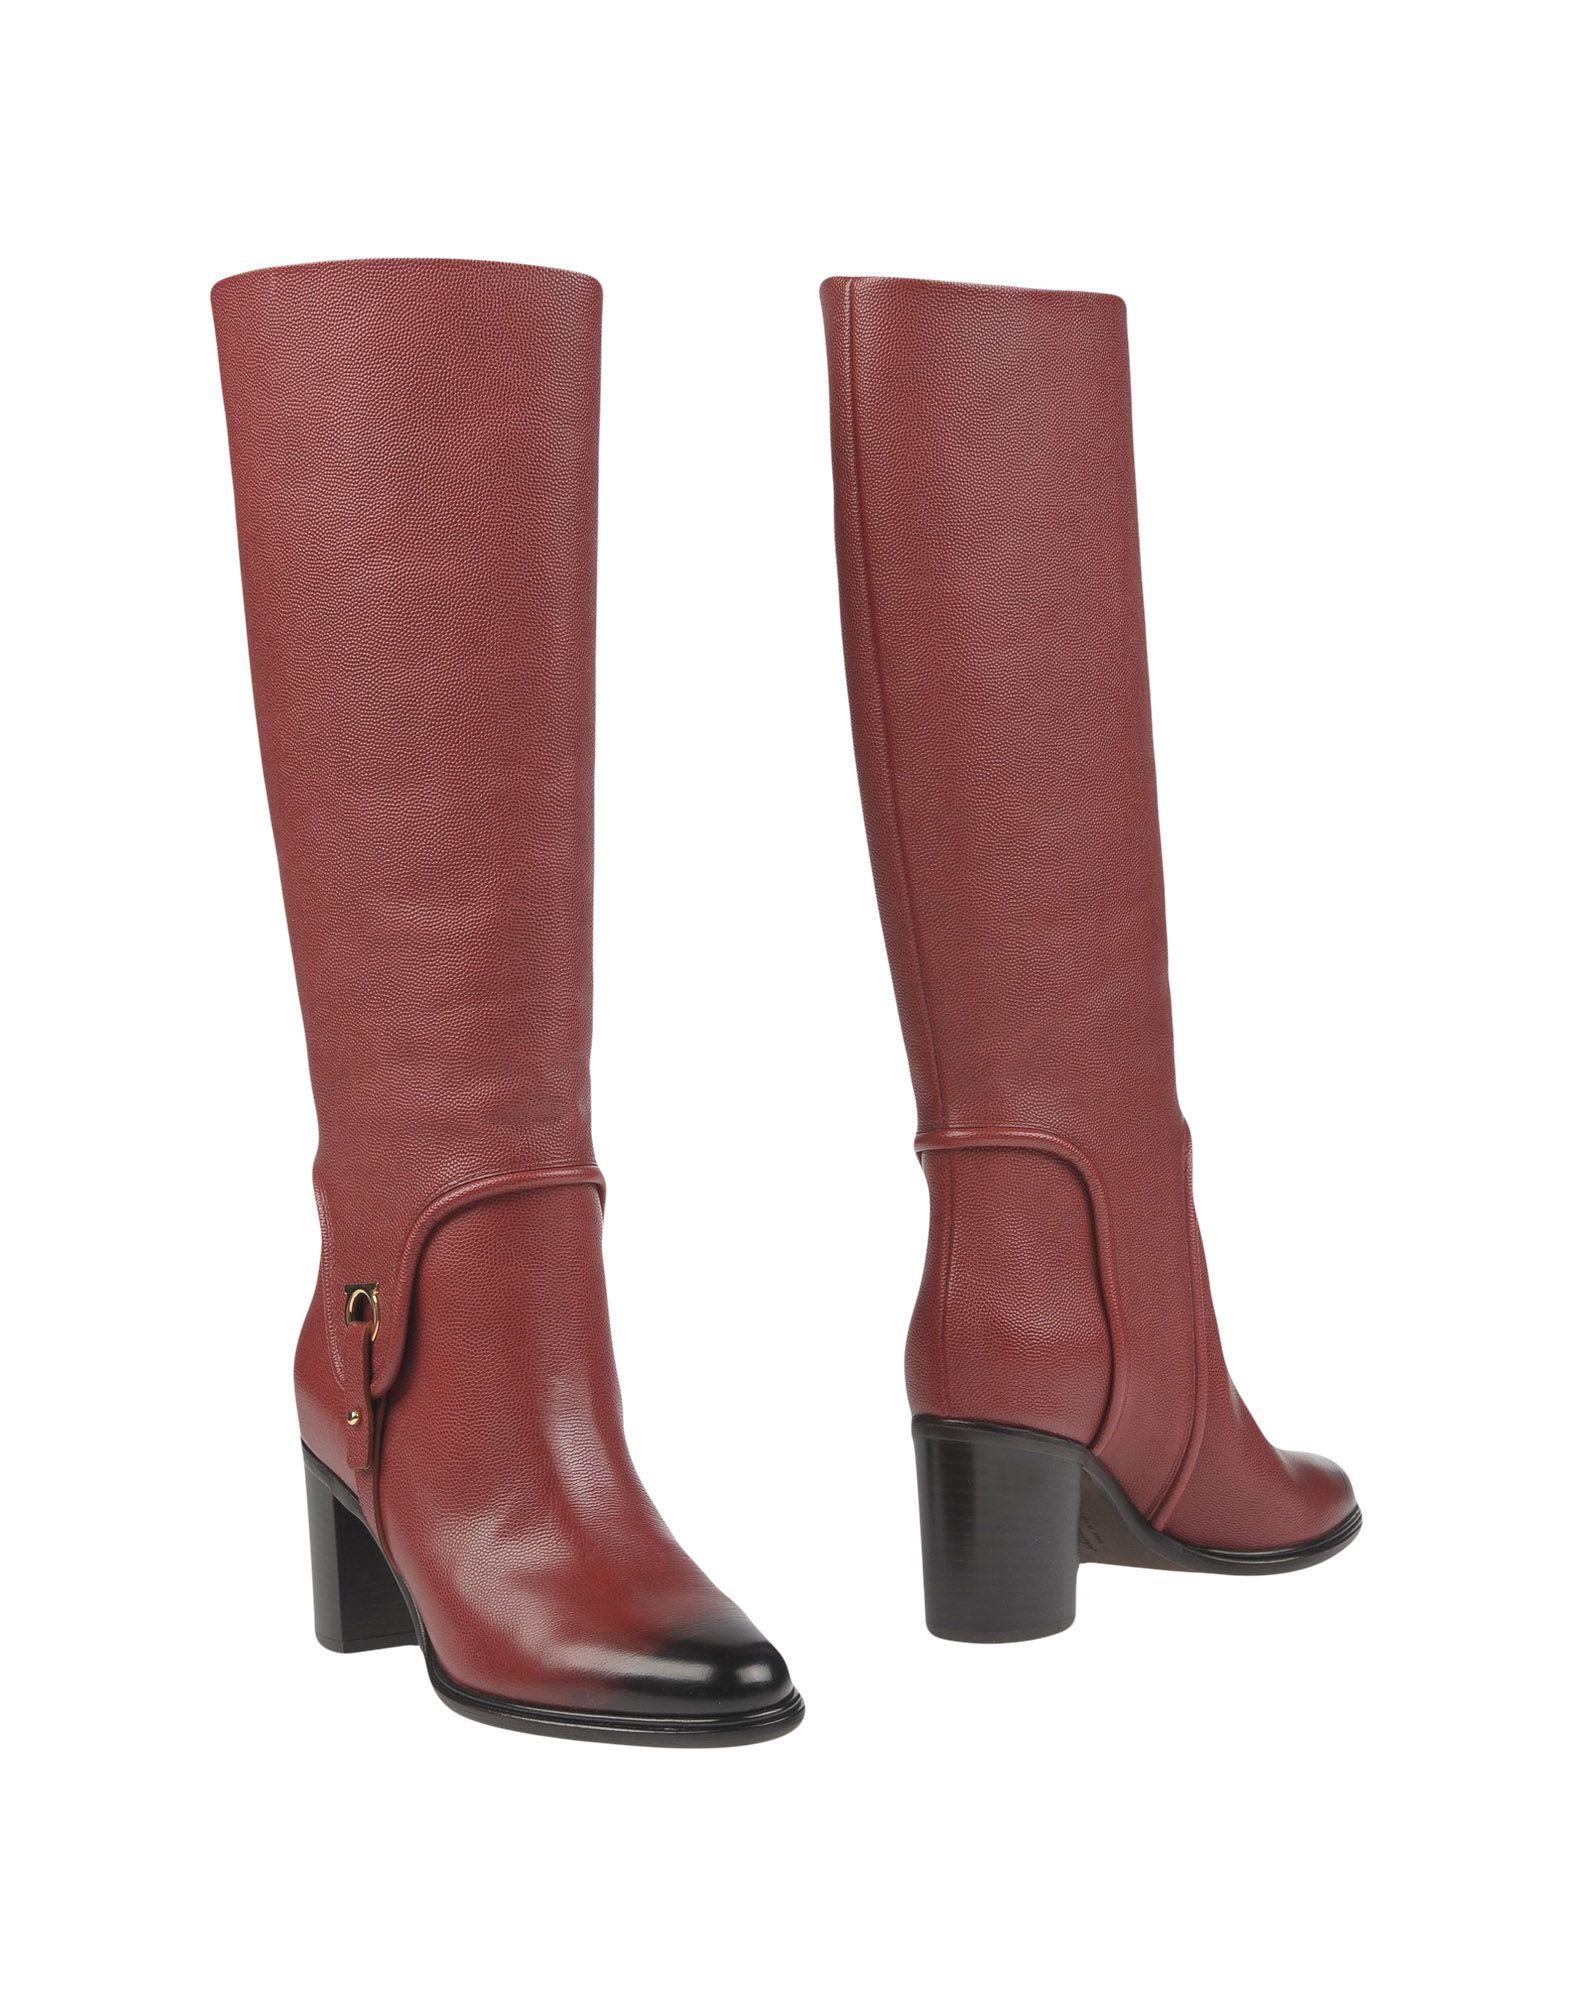 페라가모 구두 여성 신발 SALVATORE FERRAGAMO Shoes